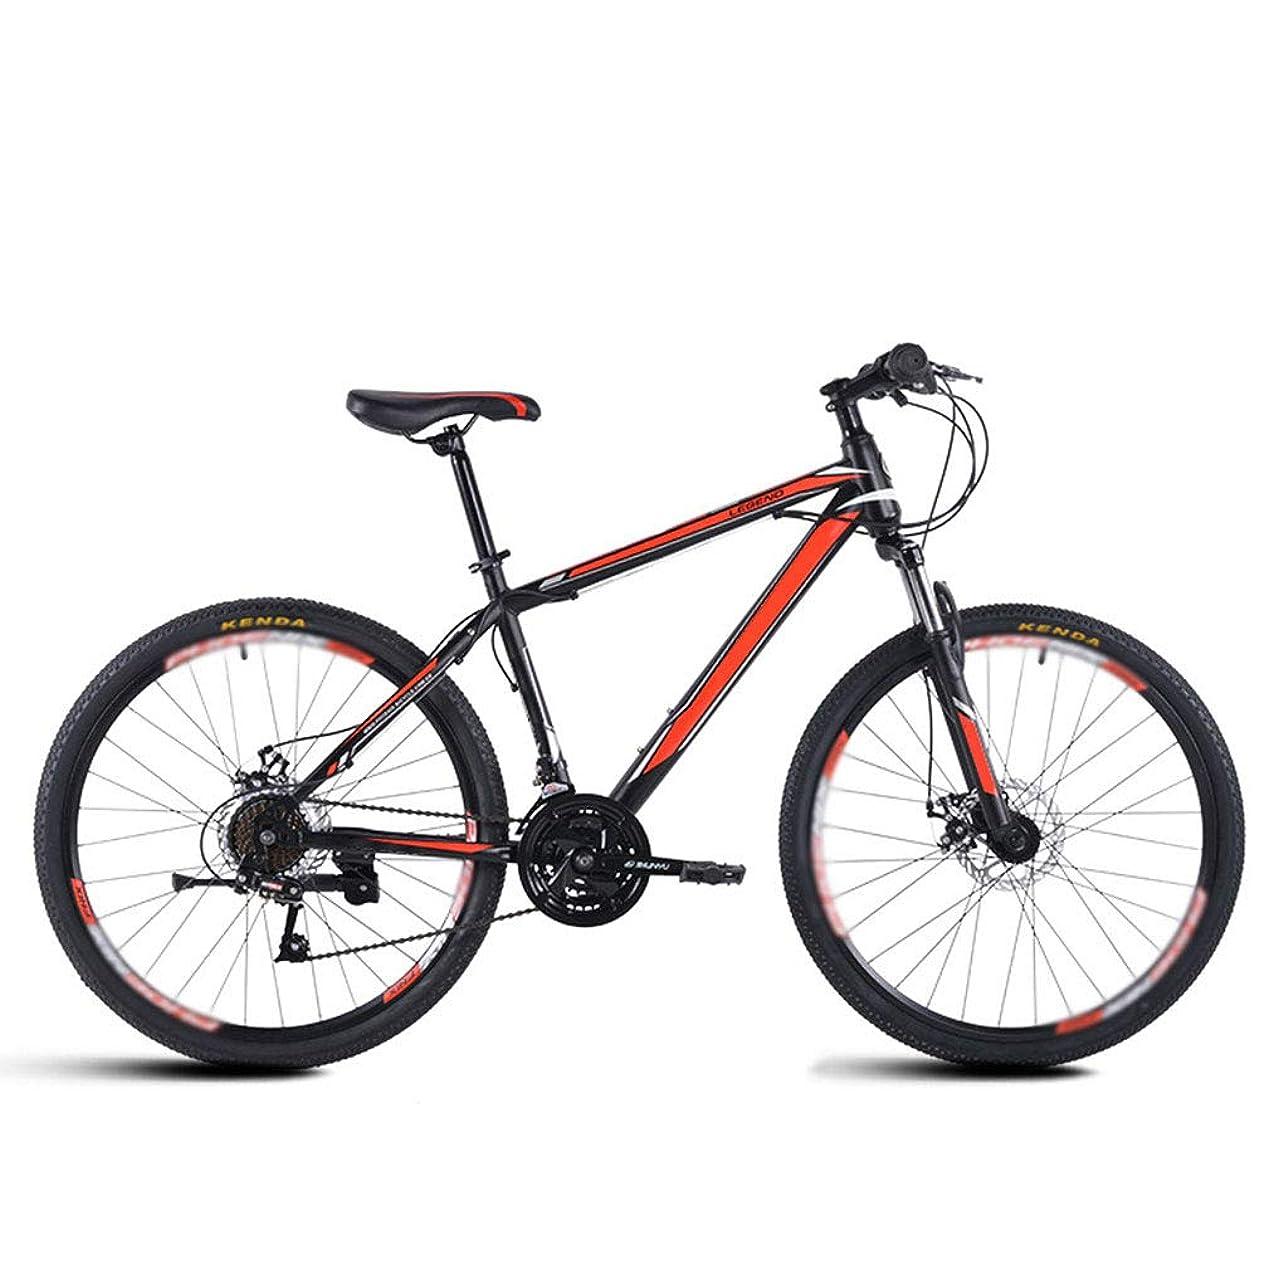 まばたき心のこもったスカルクマウンテンバイク 24/26 インチ 高炭素鋼フレームクロスバイク 21段変速 ダブルディスクブレーキ 大人の男性と女性の十代の若者 MTB 自転車